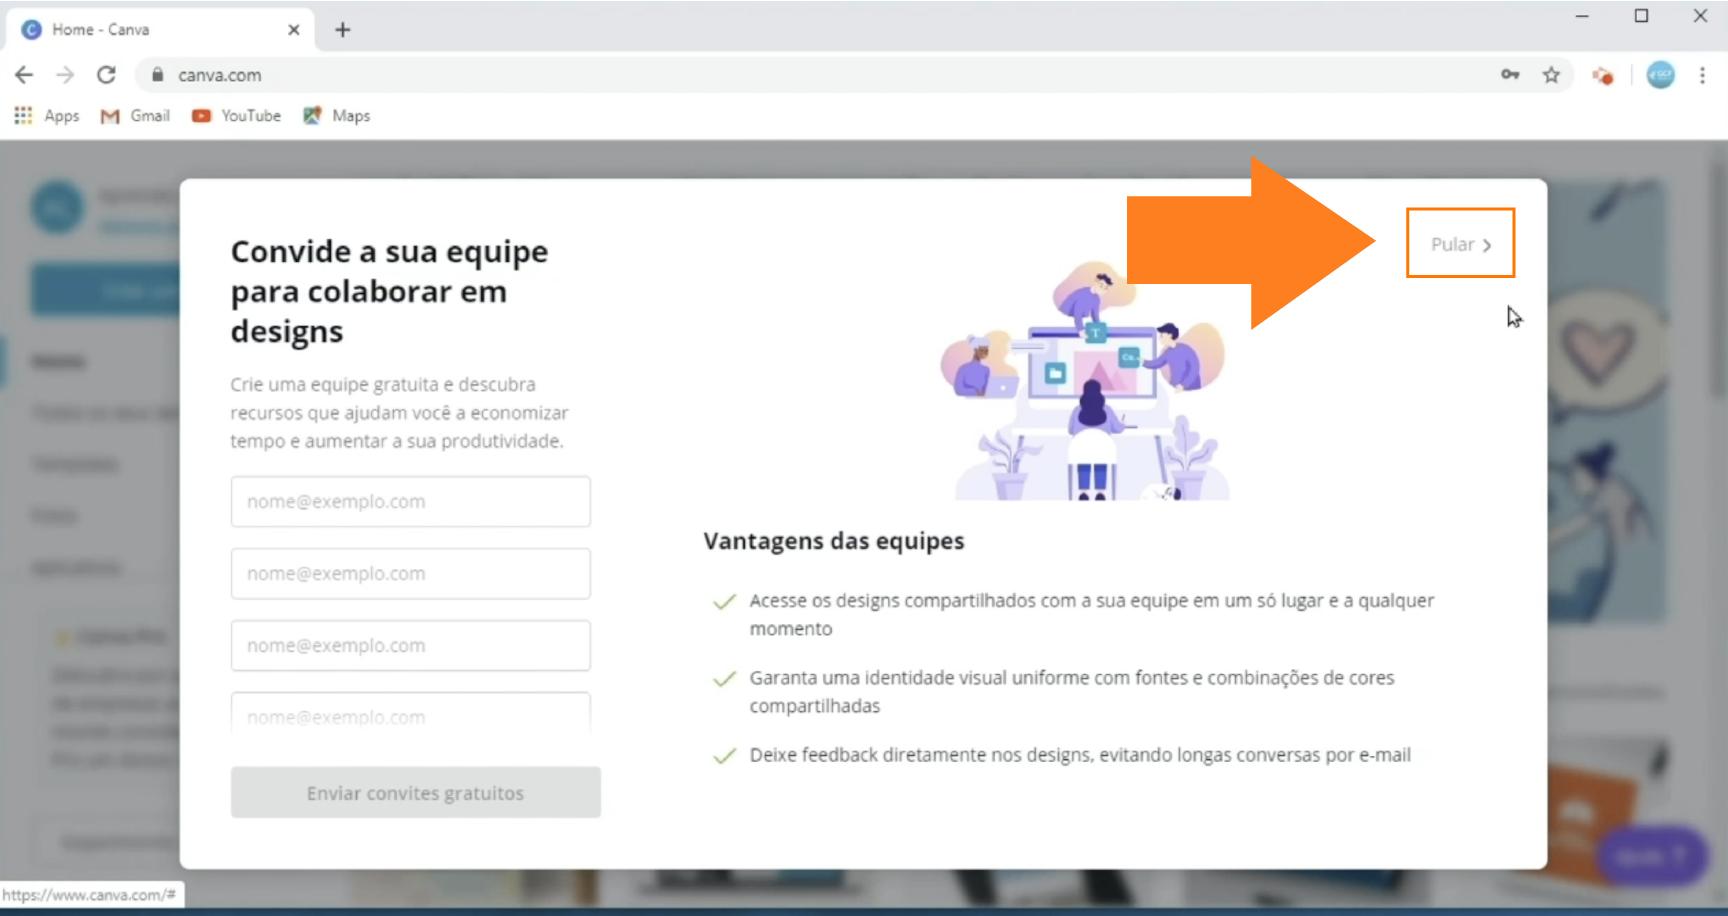 Imagem5 como criar um fundo virtual personalizado para o Zoom